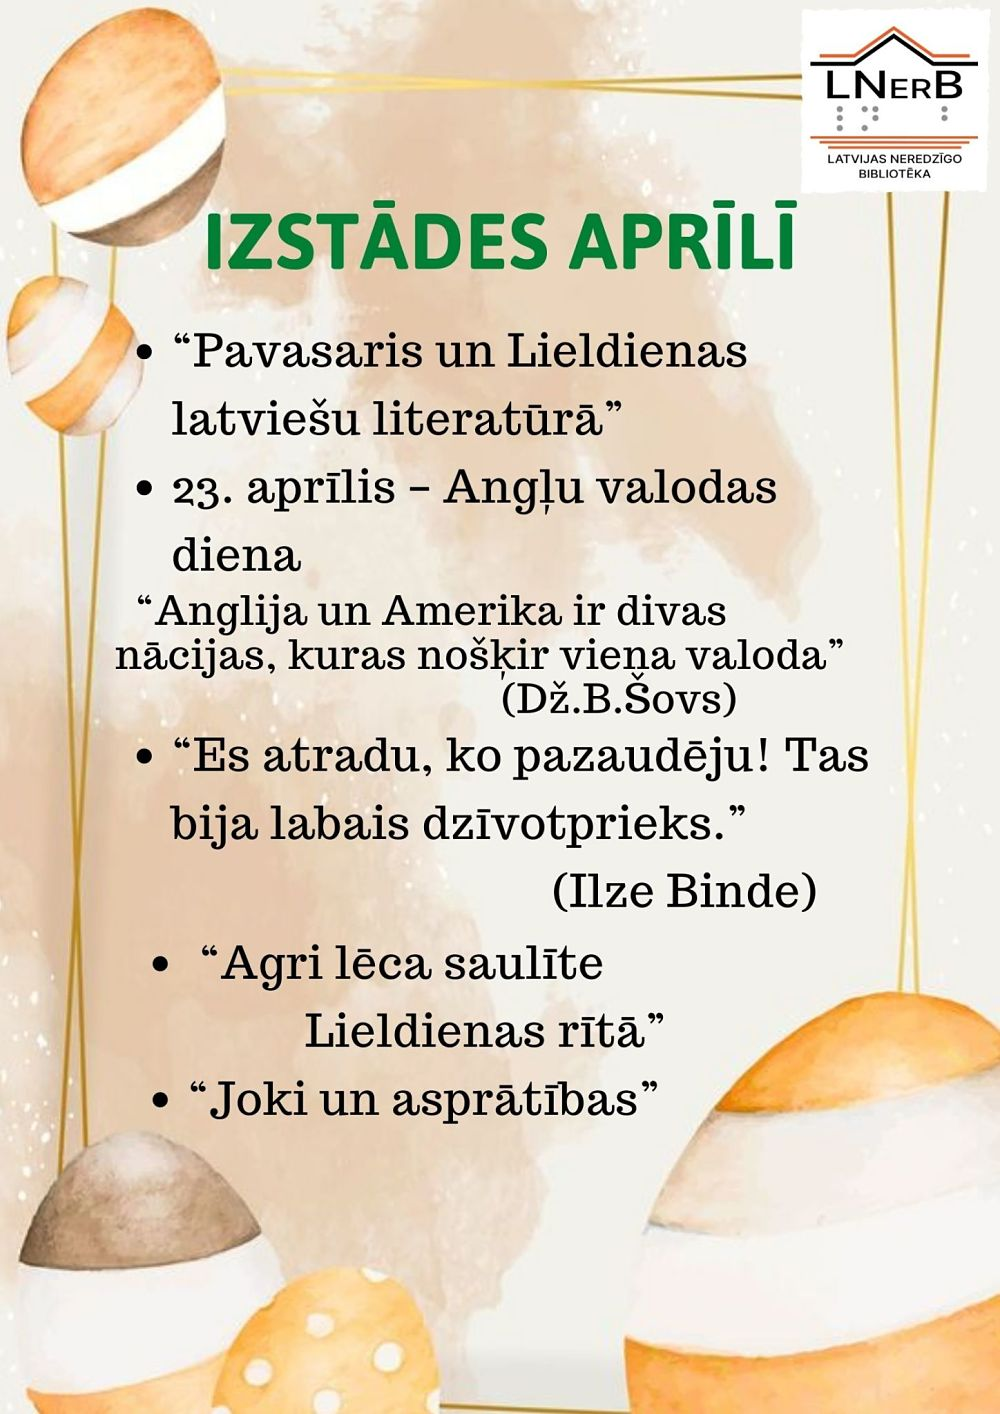 Plakāts Izstādes aprīlī Rīgā